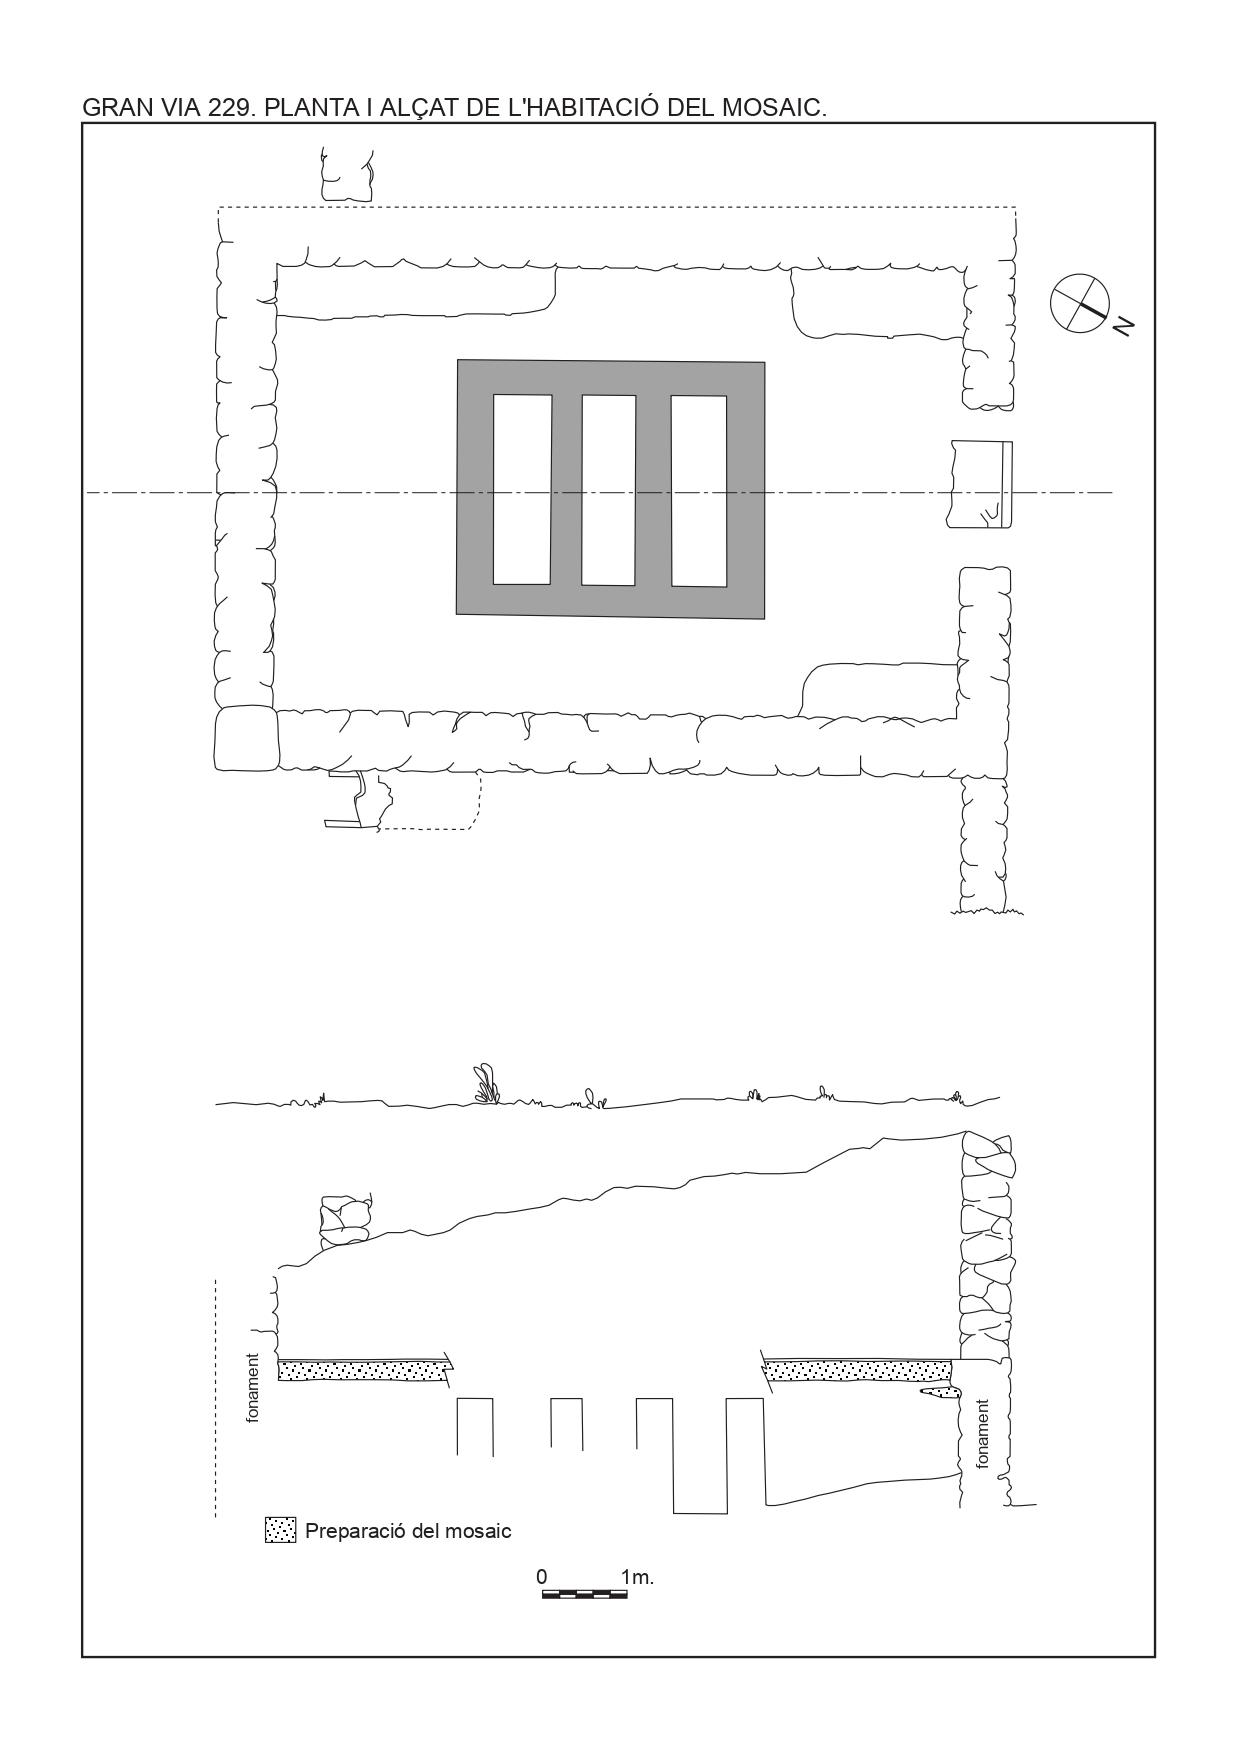 Fig. 3. Planta i alçat de les estructures descobertes el 1969. Segons Ricard Batista (modificat)